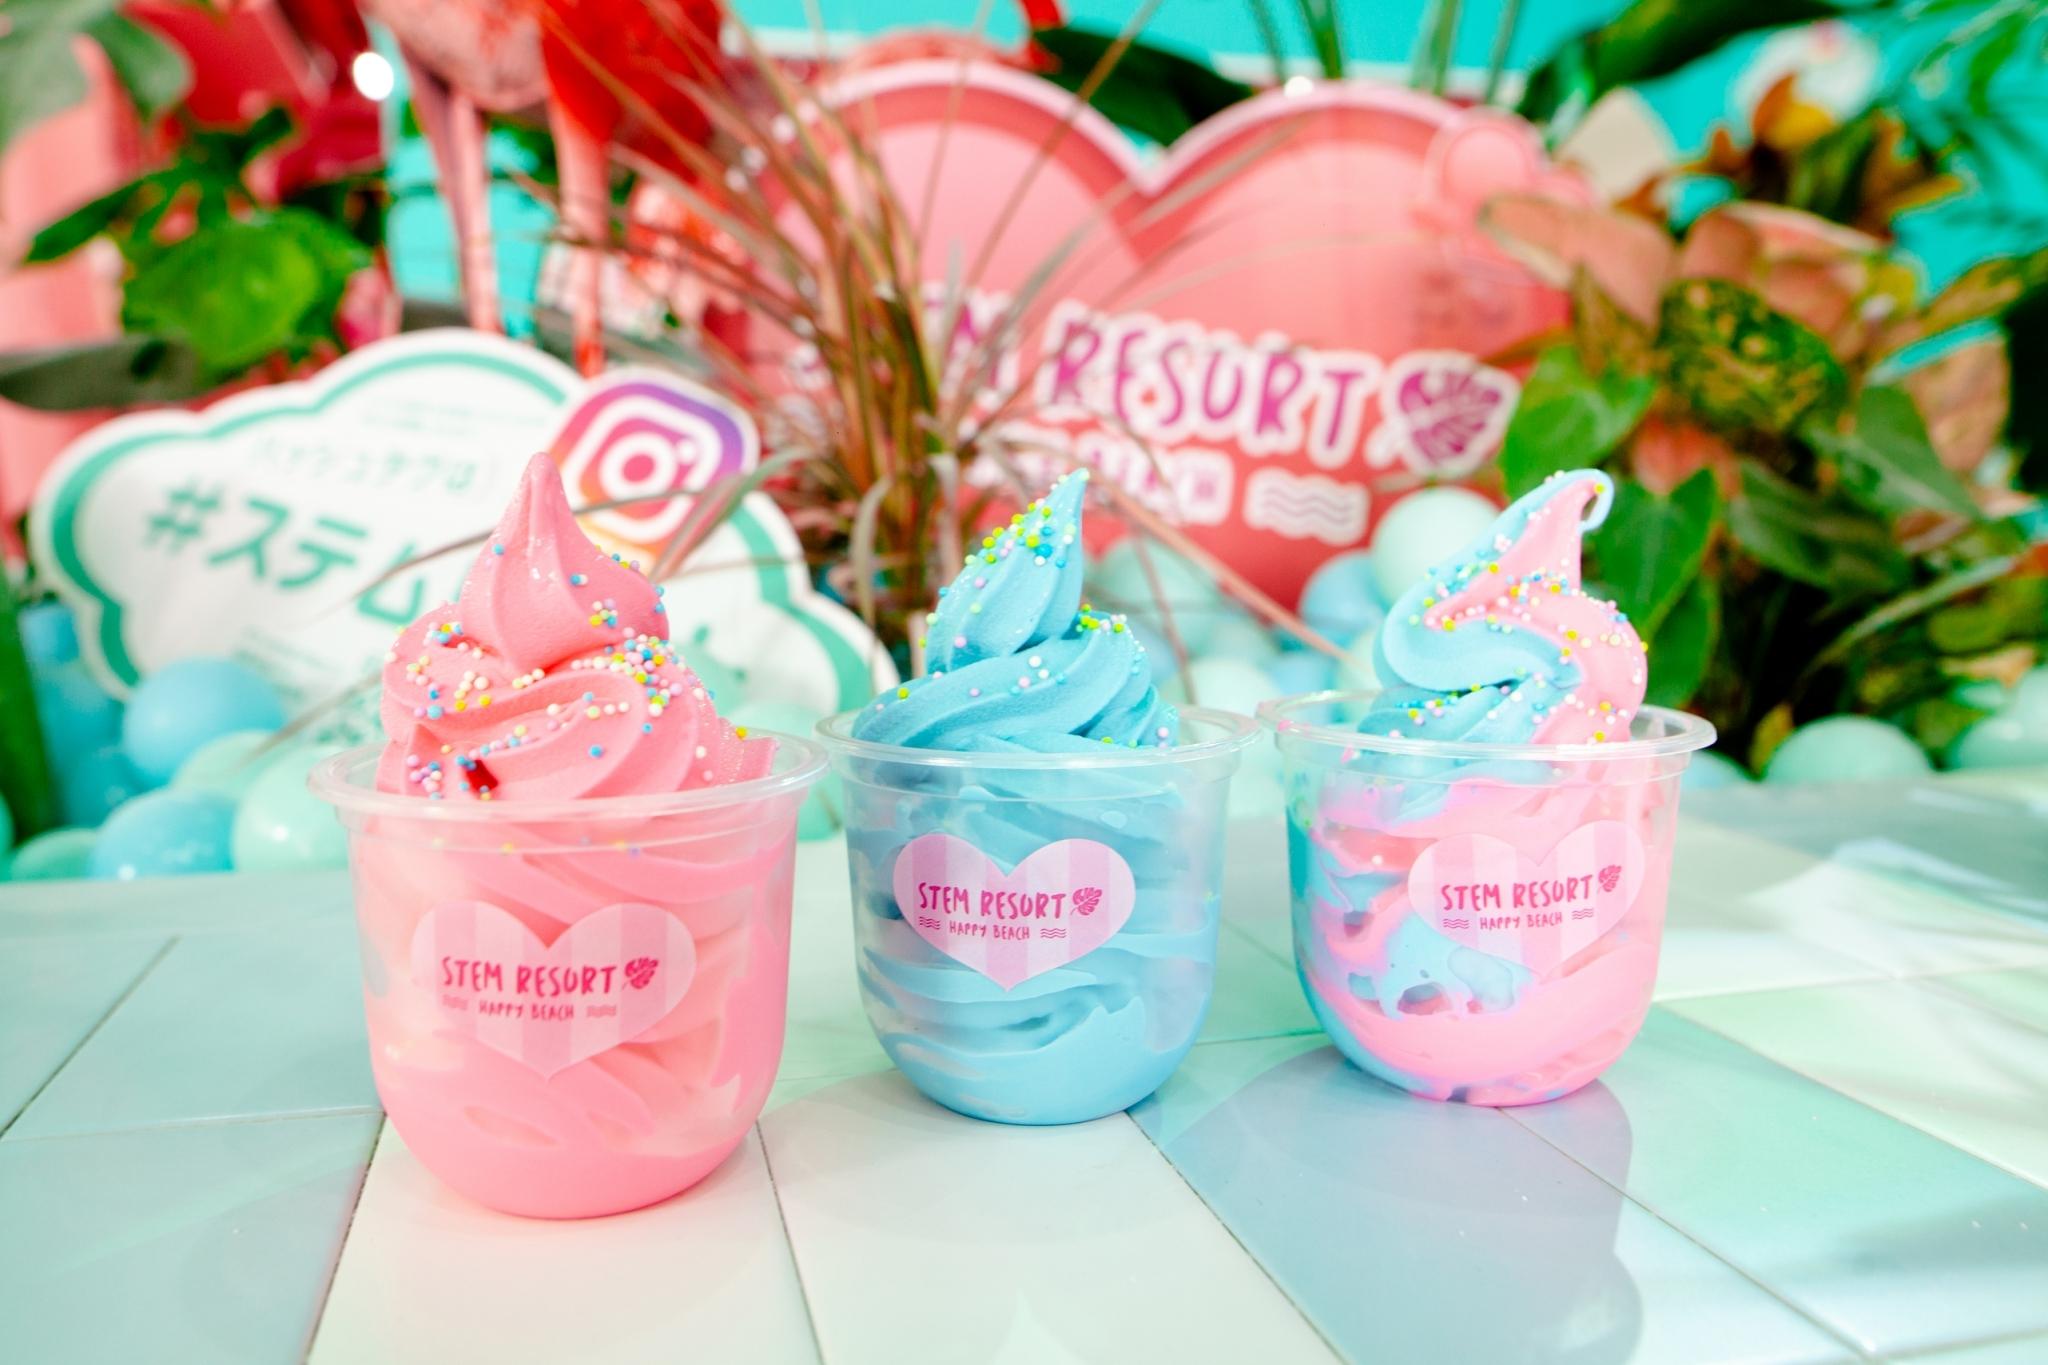 ソフトクリーム | カフェでソフトクリームをデコって楽しんじゃおう